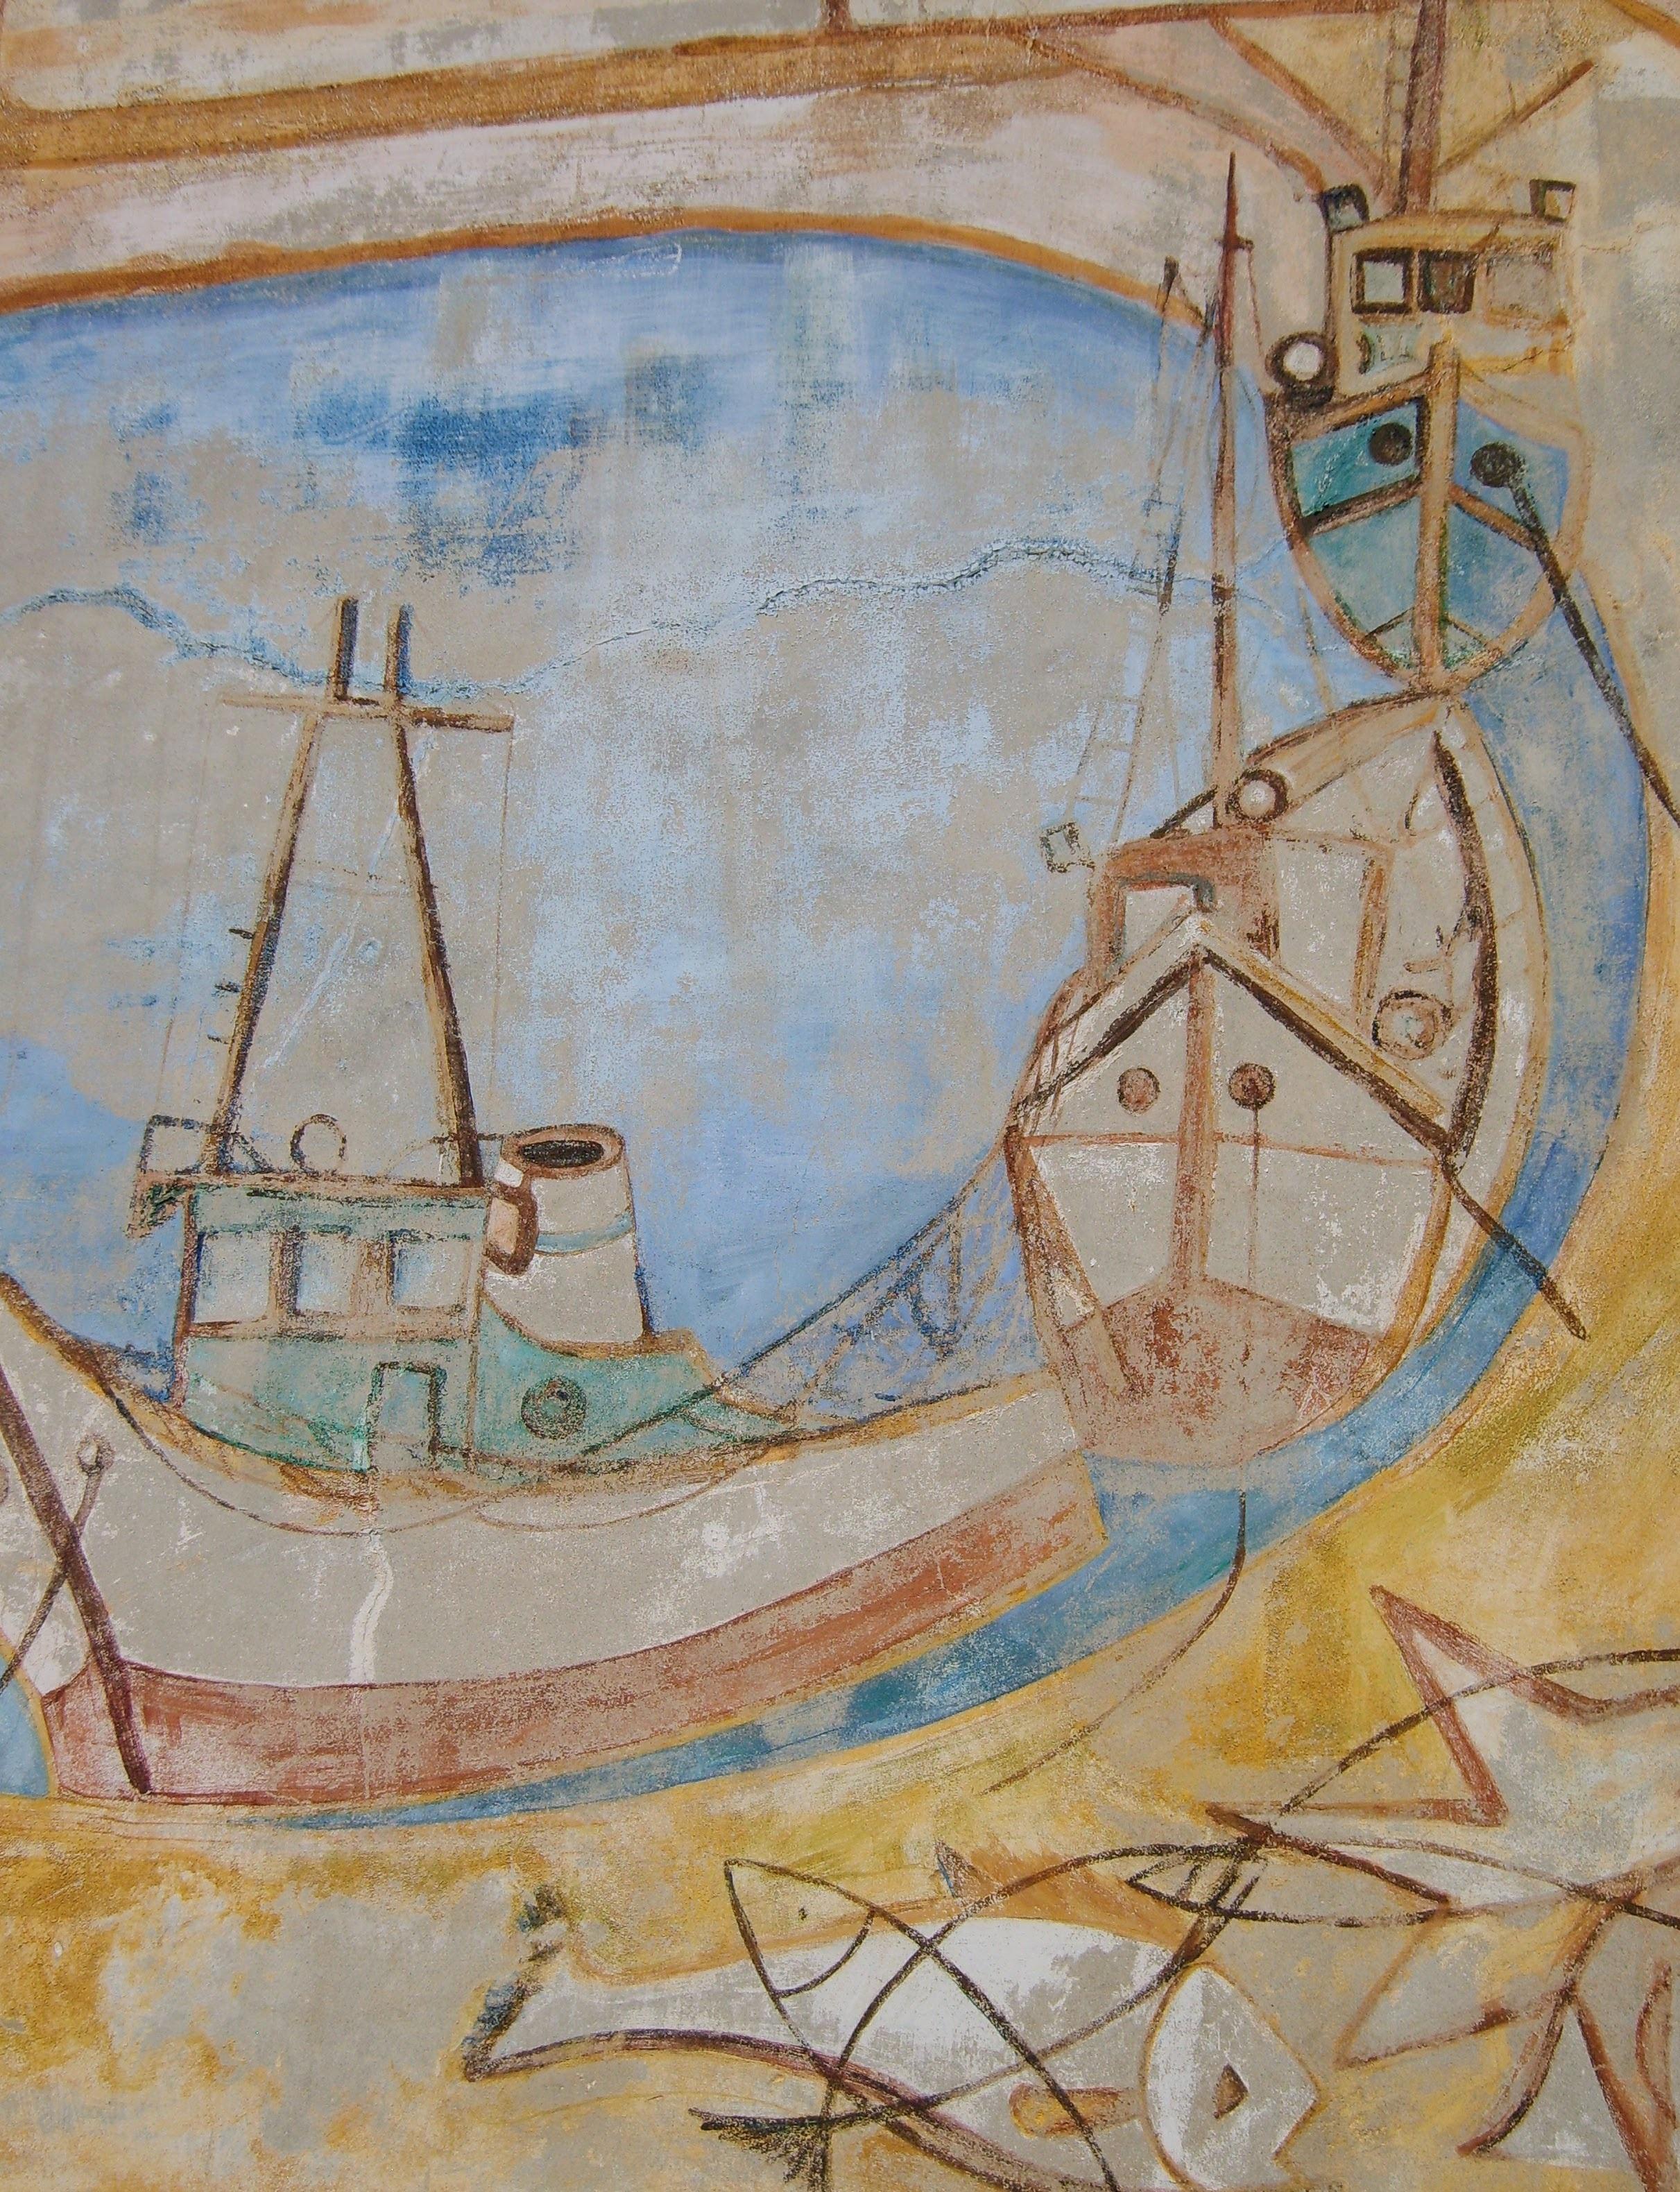 Gambar Kendaraan Spanyol Sketsa Gambar Ilustrasi Lukisan